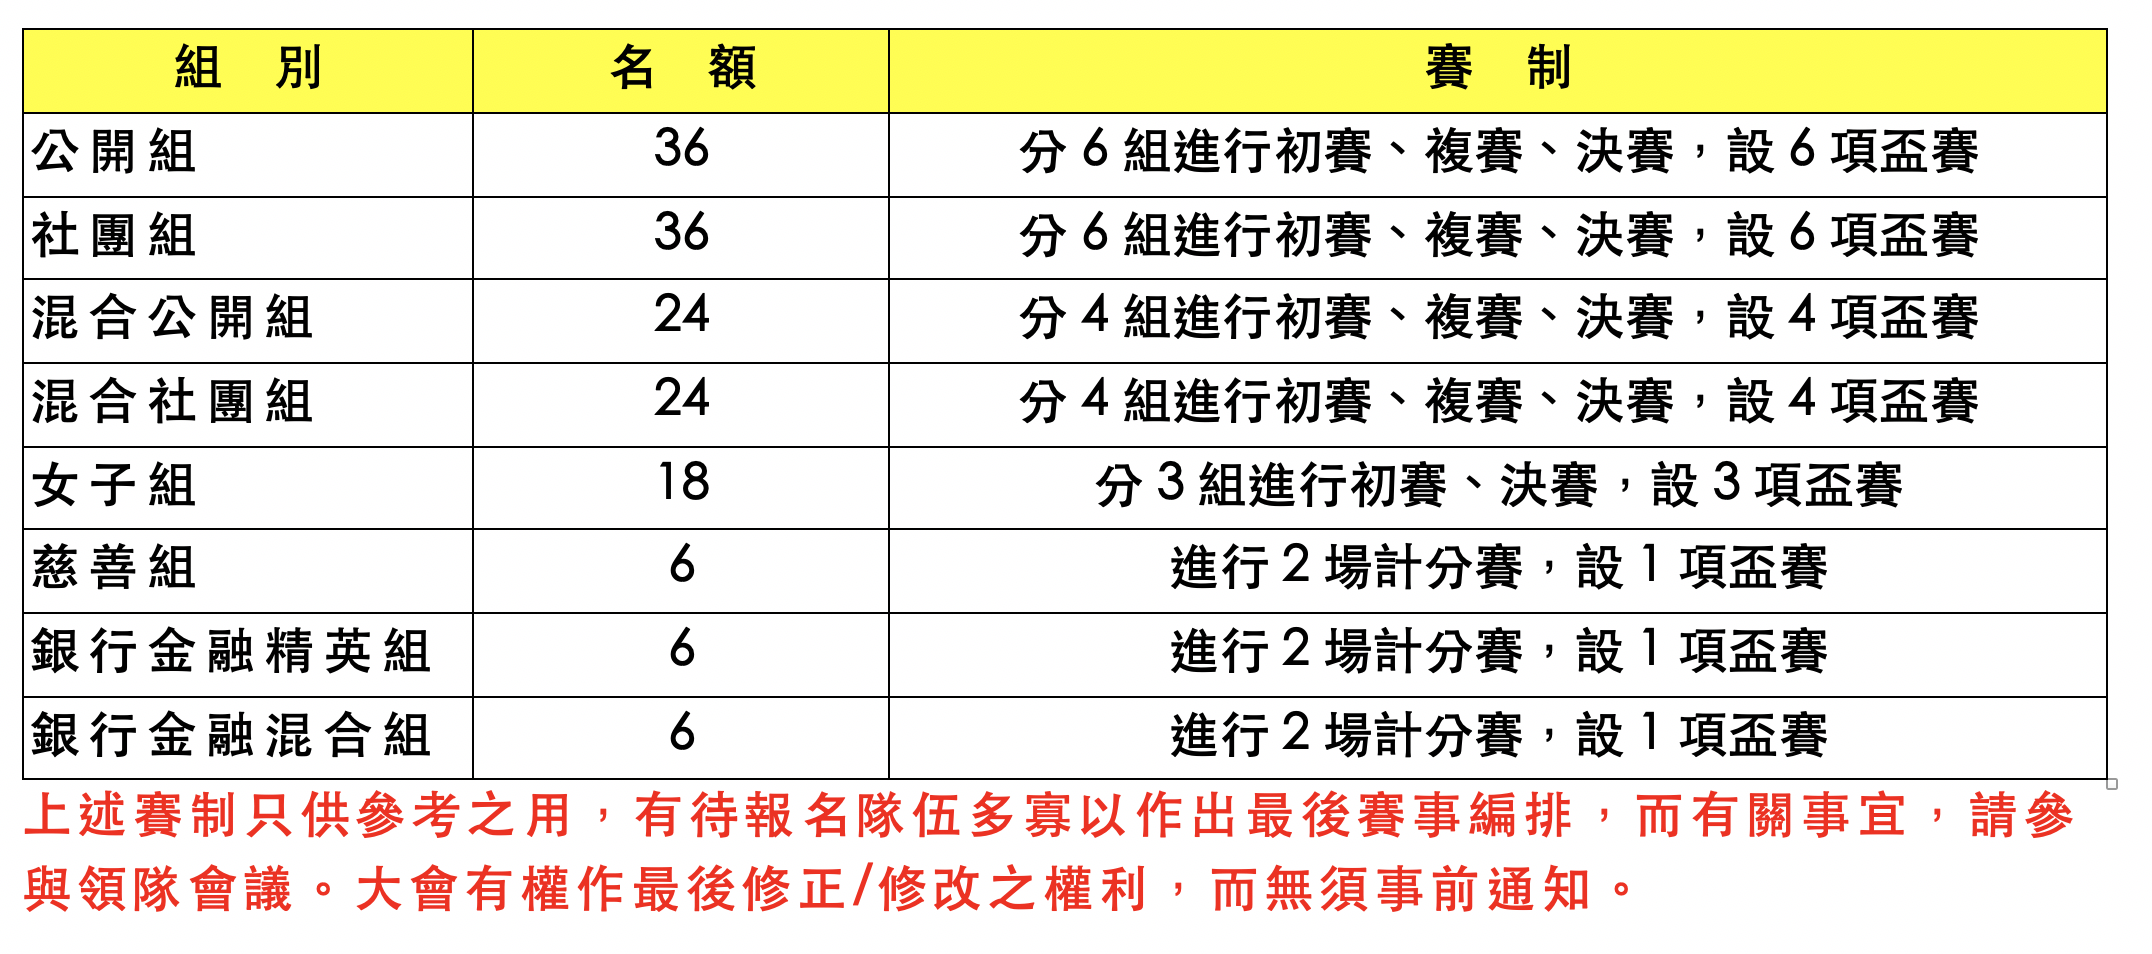 (每場賽事均用直接取線制,不需抽籤)決賽隊伍,均有獎座;成績公佈後,隨即頒獎。